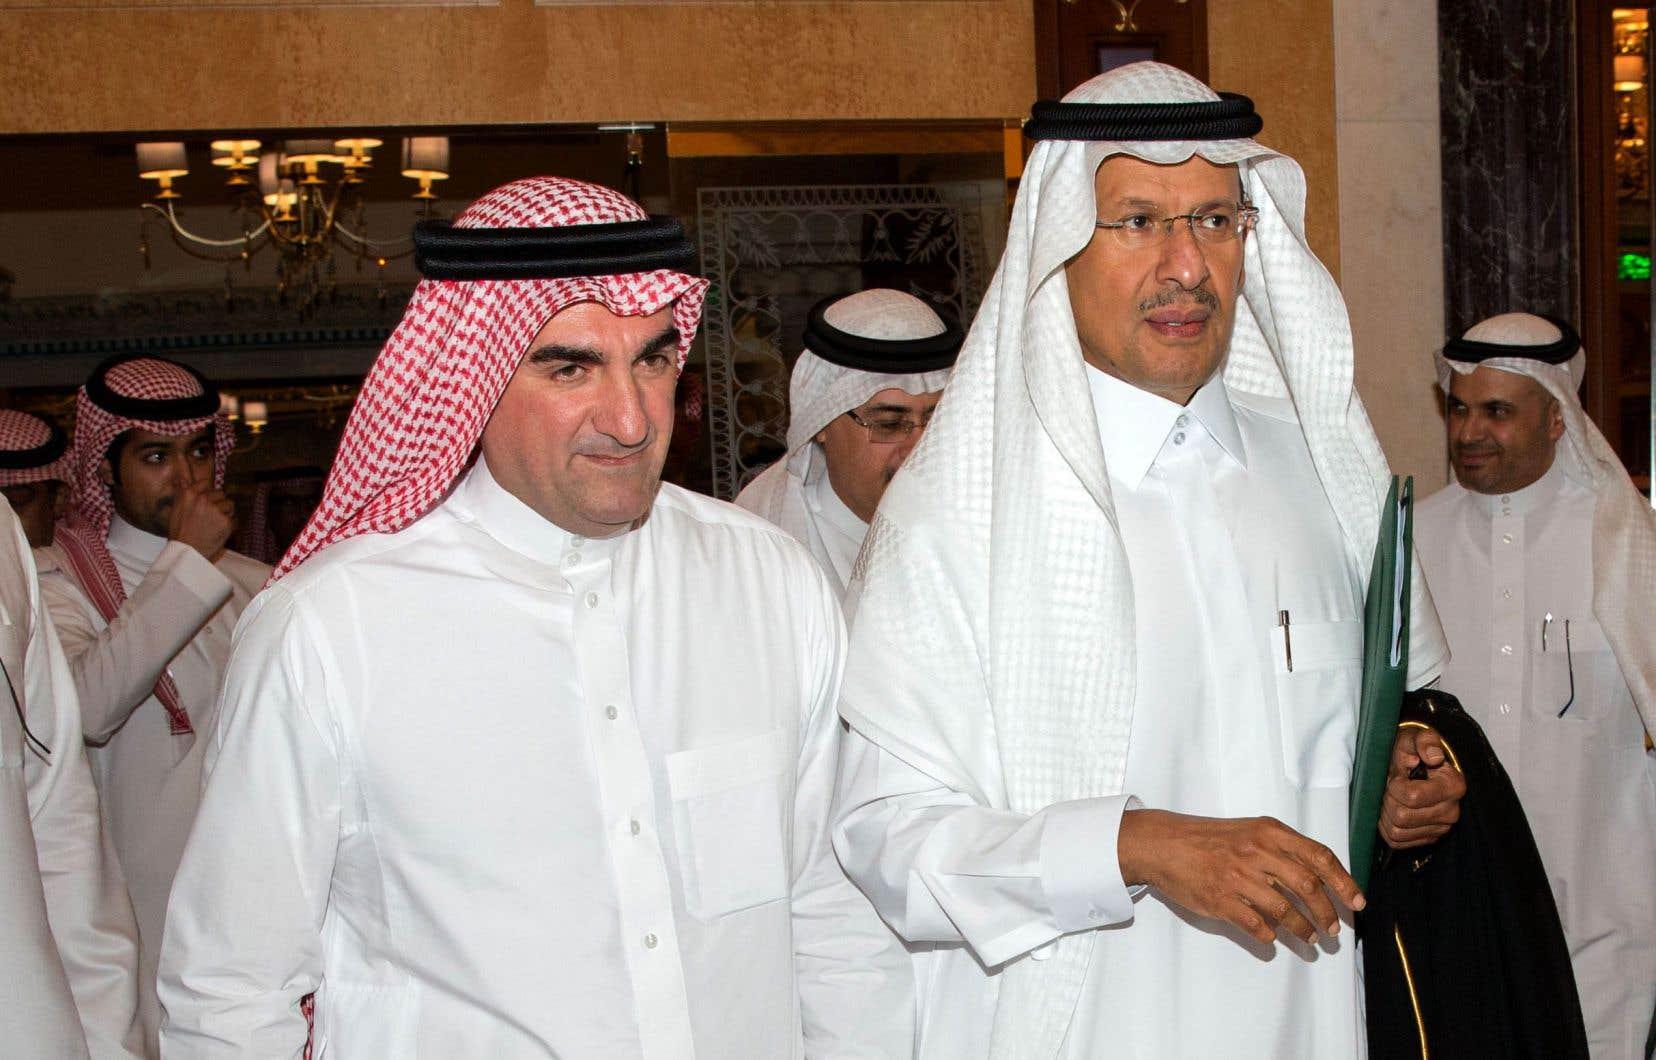 Le ministre saoudien de l'Énergie, le prince Abdel Aziz ben Salmane (à droite), a assuré mardi à Djeddah que la production pétrolière de son pays sera rétablie fin septembre.